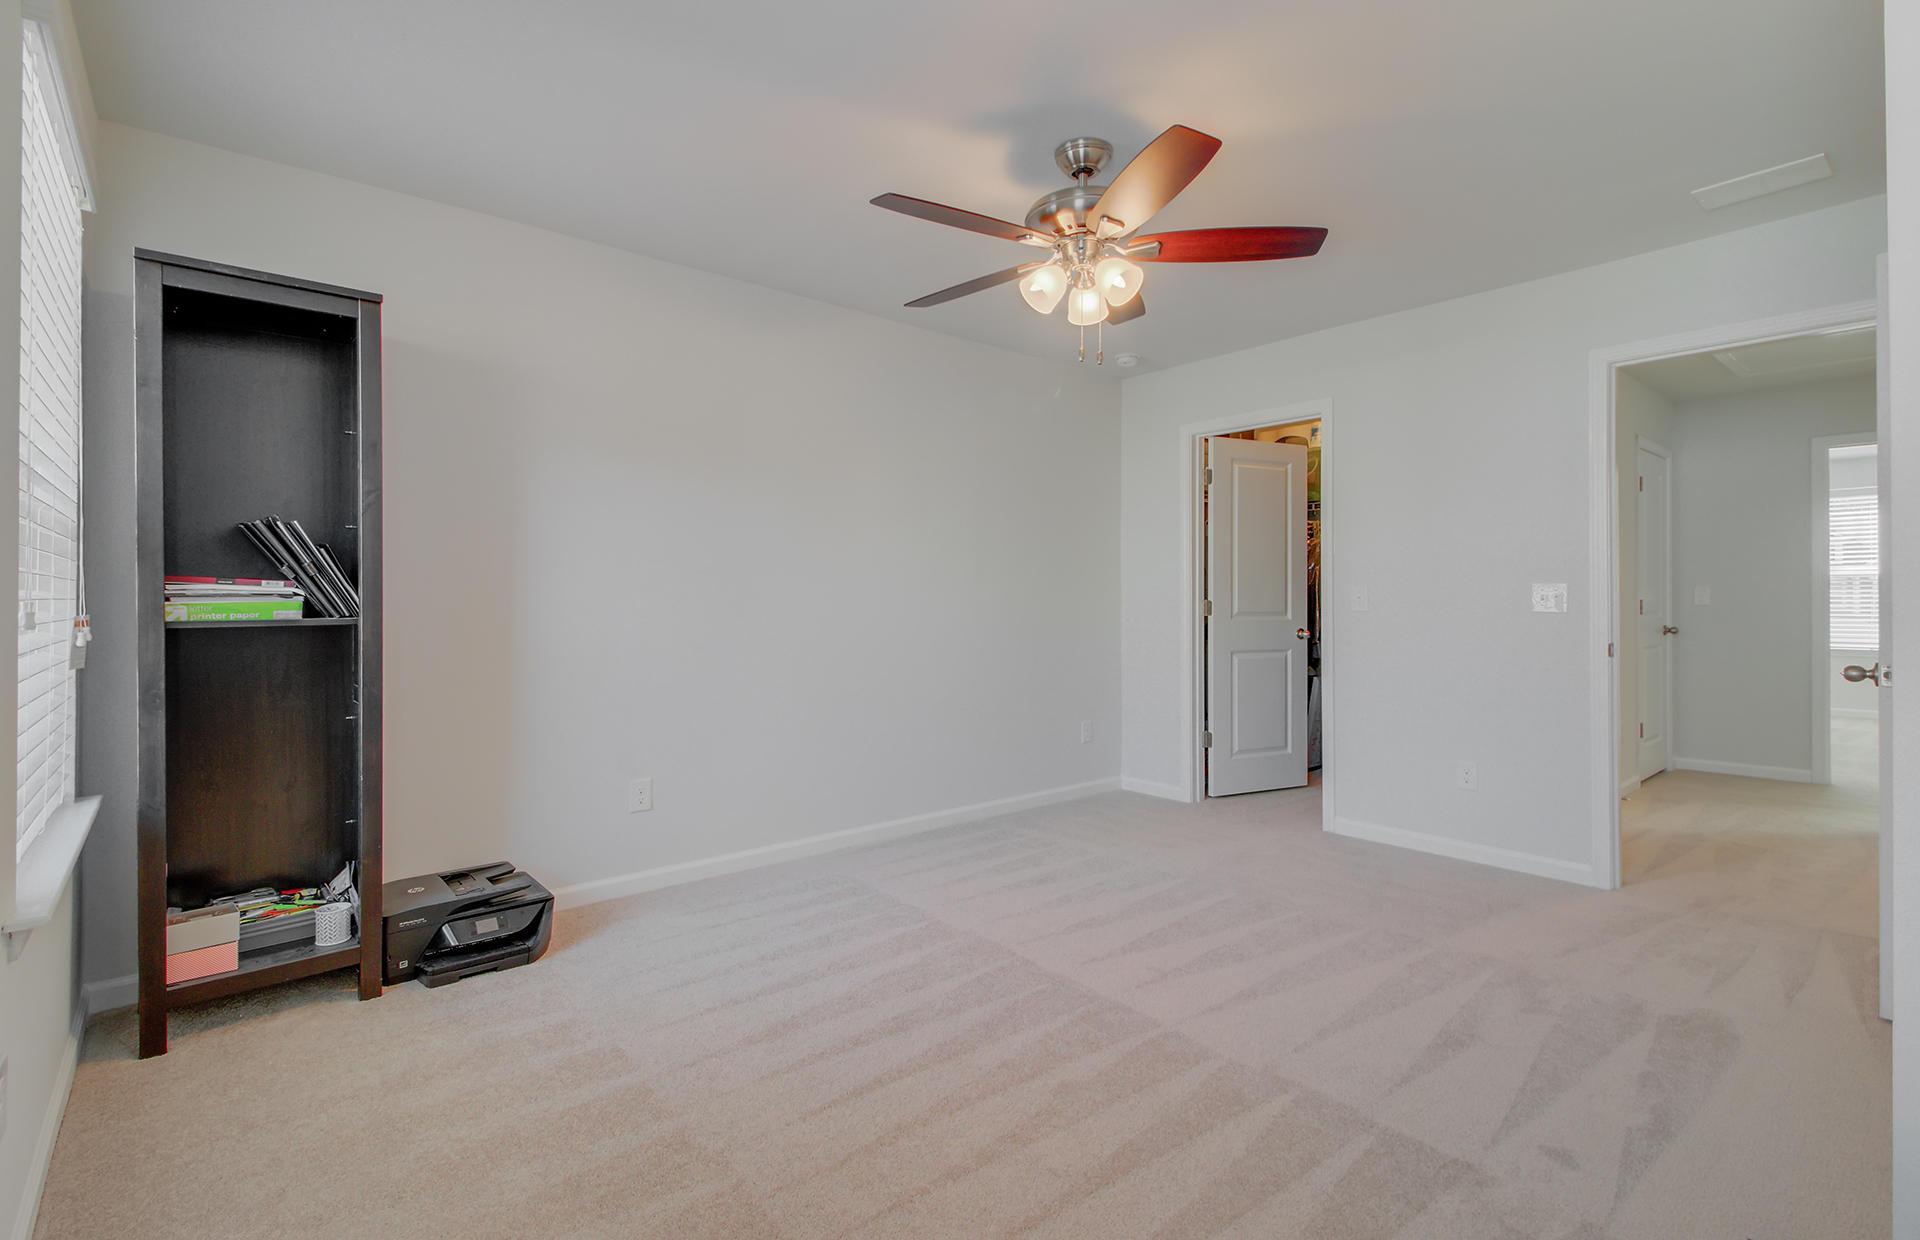 Park West Homes For Sale - 2569 Kingsfield, Mount Pleasant, SC - 10